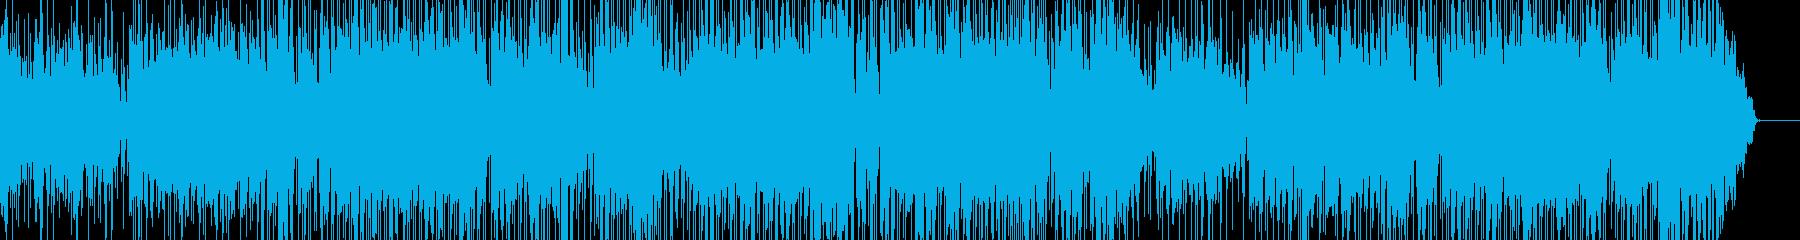 エレキギターによるけだるい感じのロックの再生済みの波形